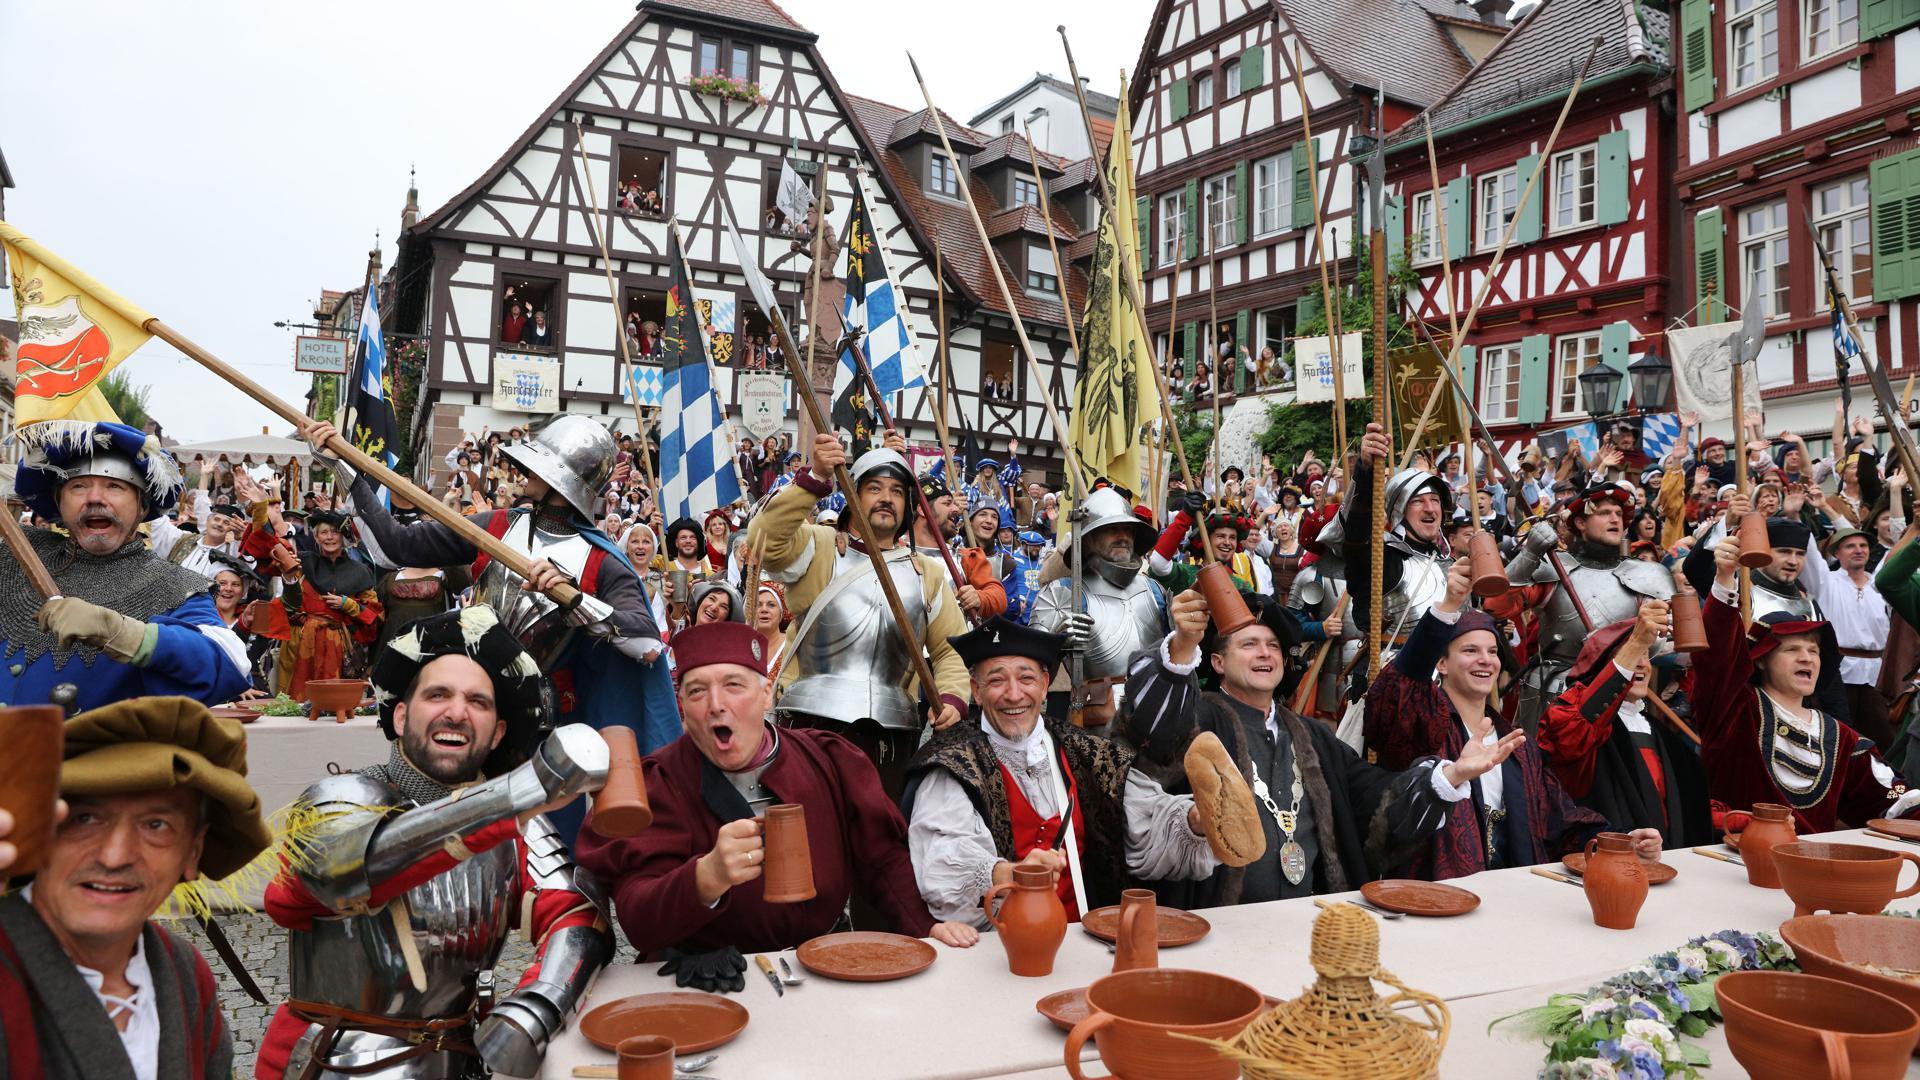 Eine Stadt feiert das Mittelalter: Das alljährliche Peter-und-Paul-Fest ist eines der größten Heimatfeste in Südwestdeutschland. Abertausend Gewandete feiern mit.